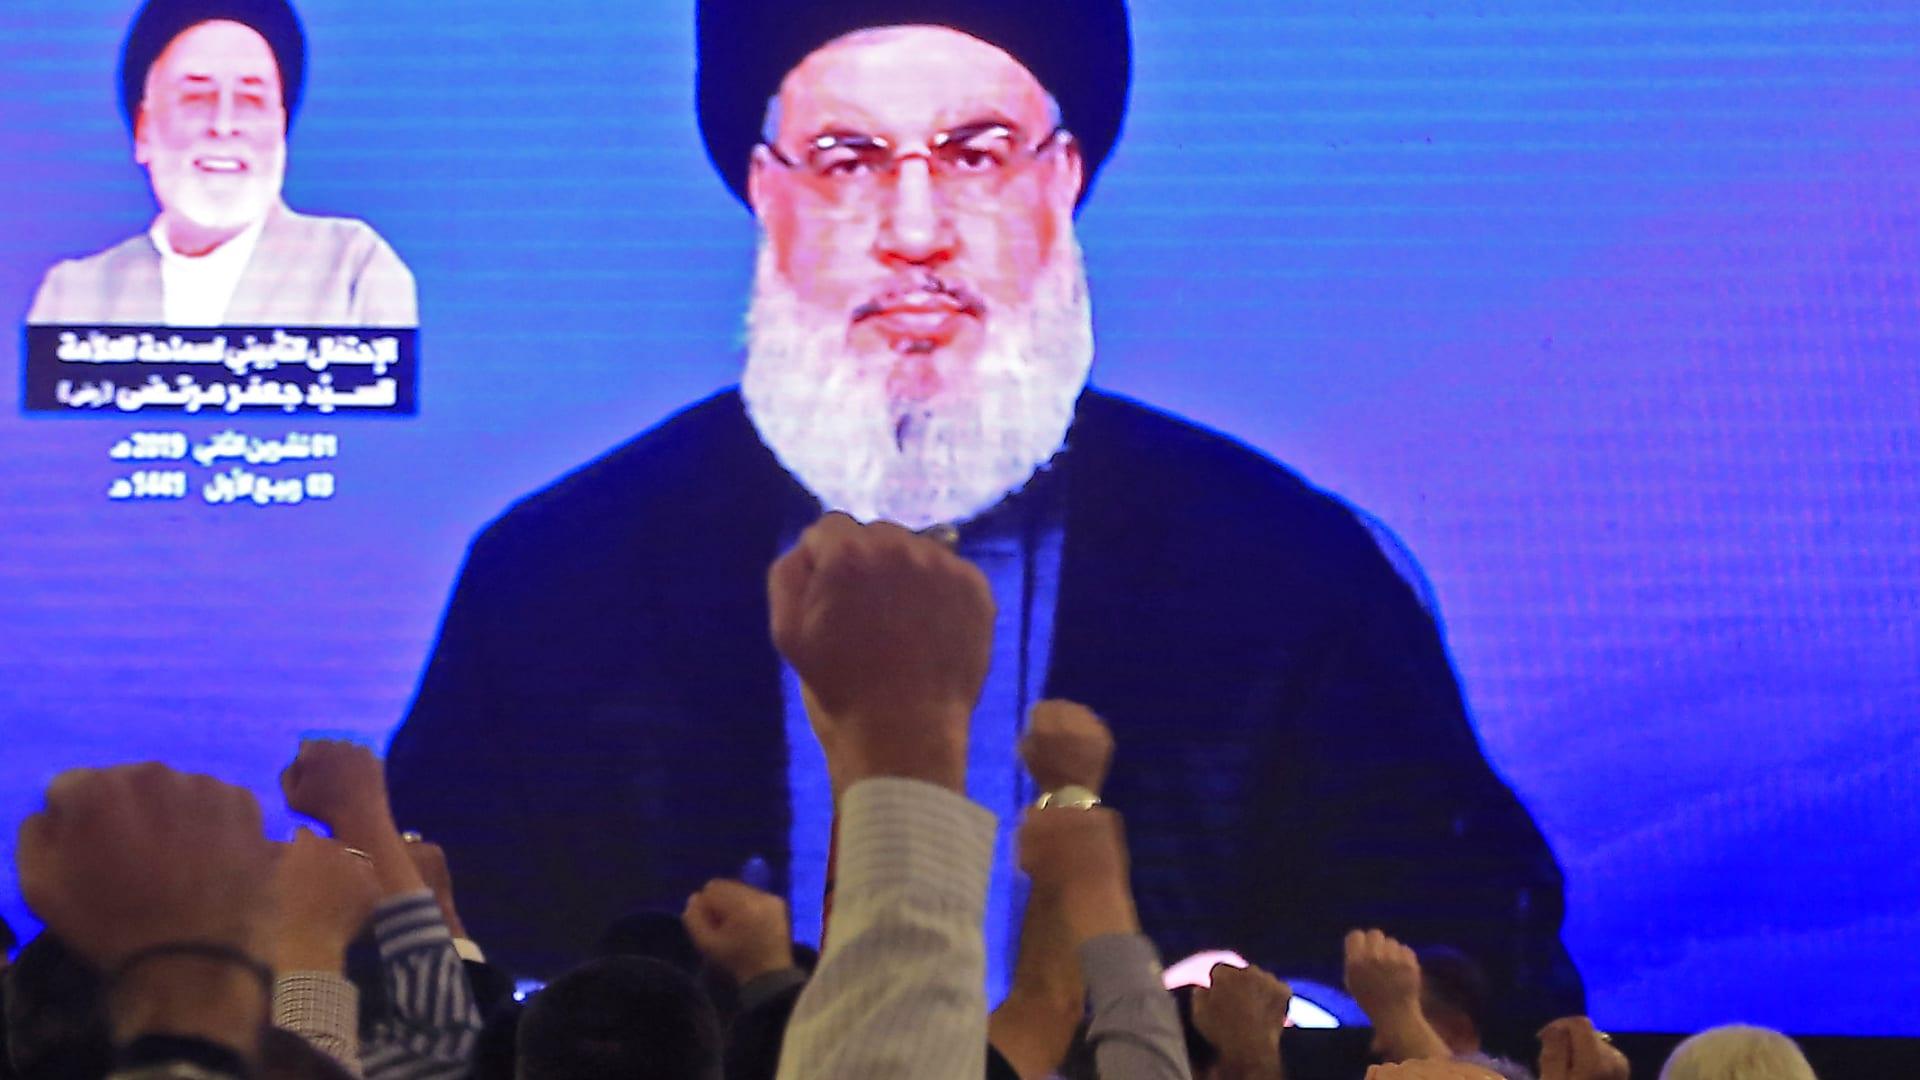 """حزب الله وحماس: تطبيع الإمارات والبحرين مع إسرائيل """"جرائم سياسية"""" ذات تداعيات خطرة"""